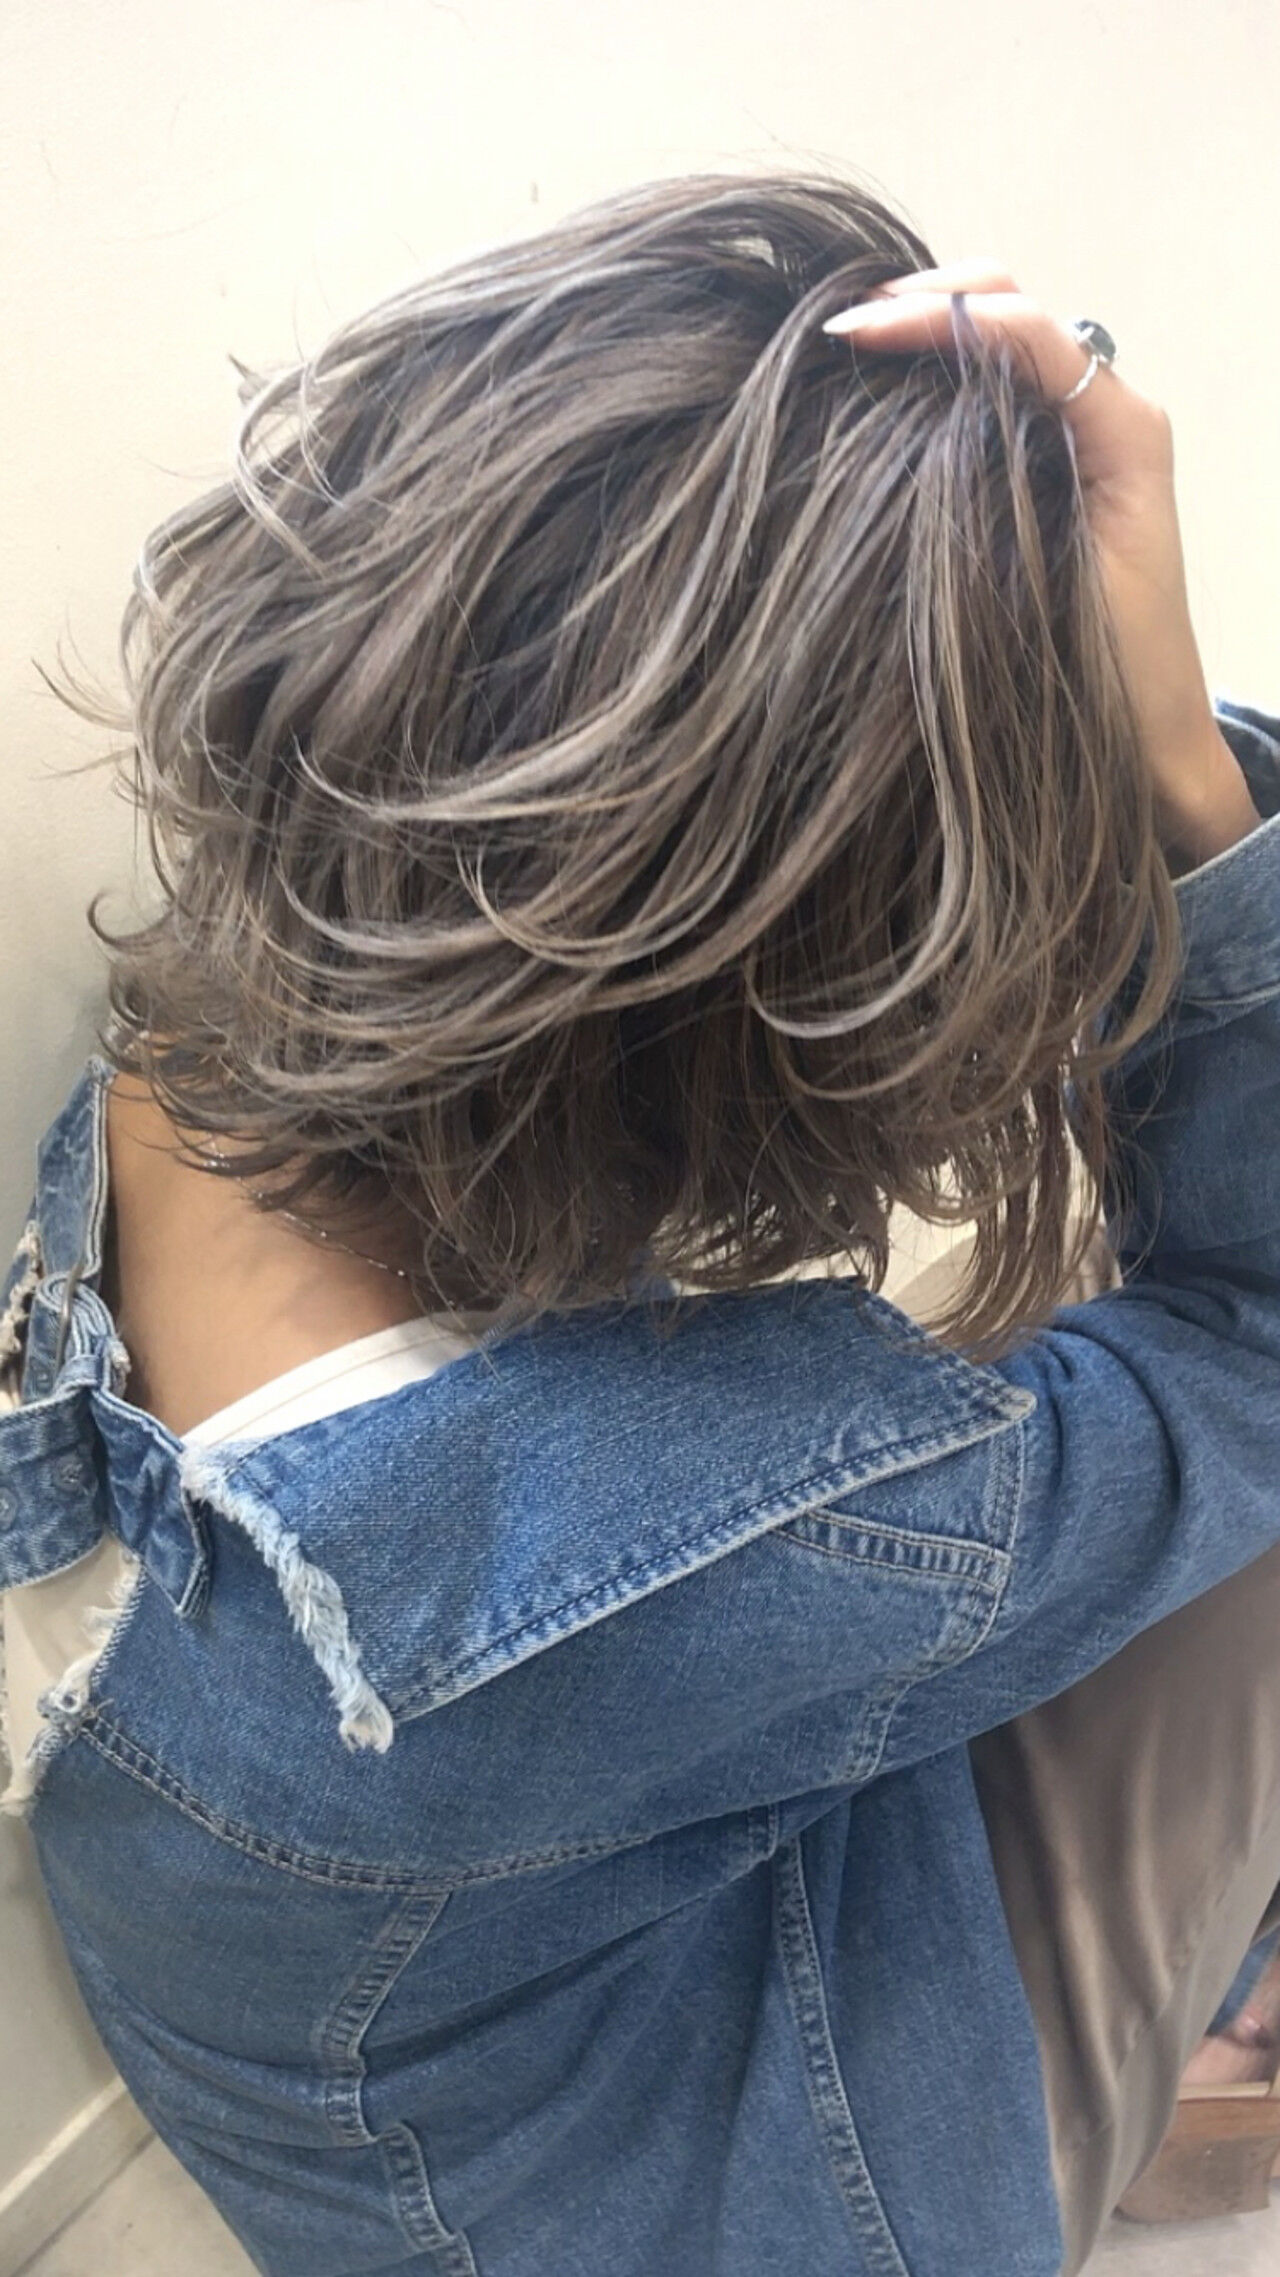 グレージュ ボブ アンニュイほつれヘア 外国人風カラーヘアスタイルや髪型の写真・画像